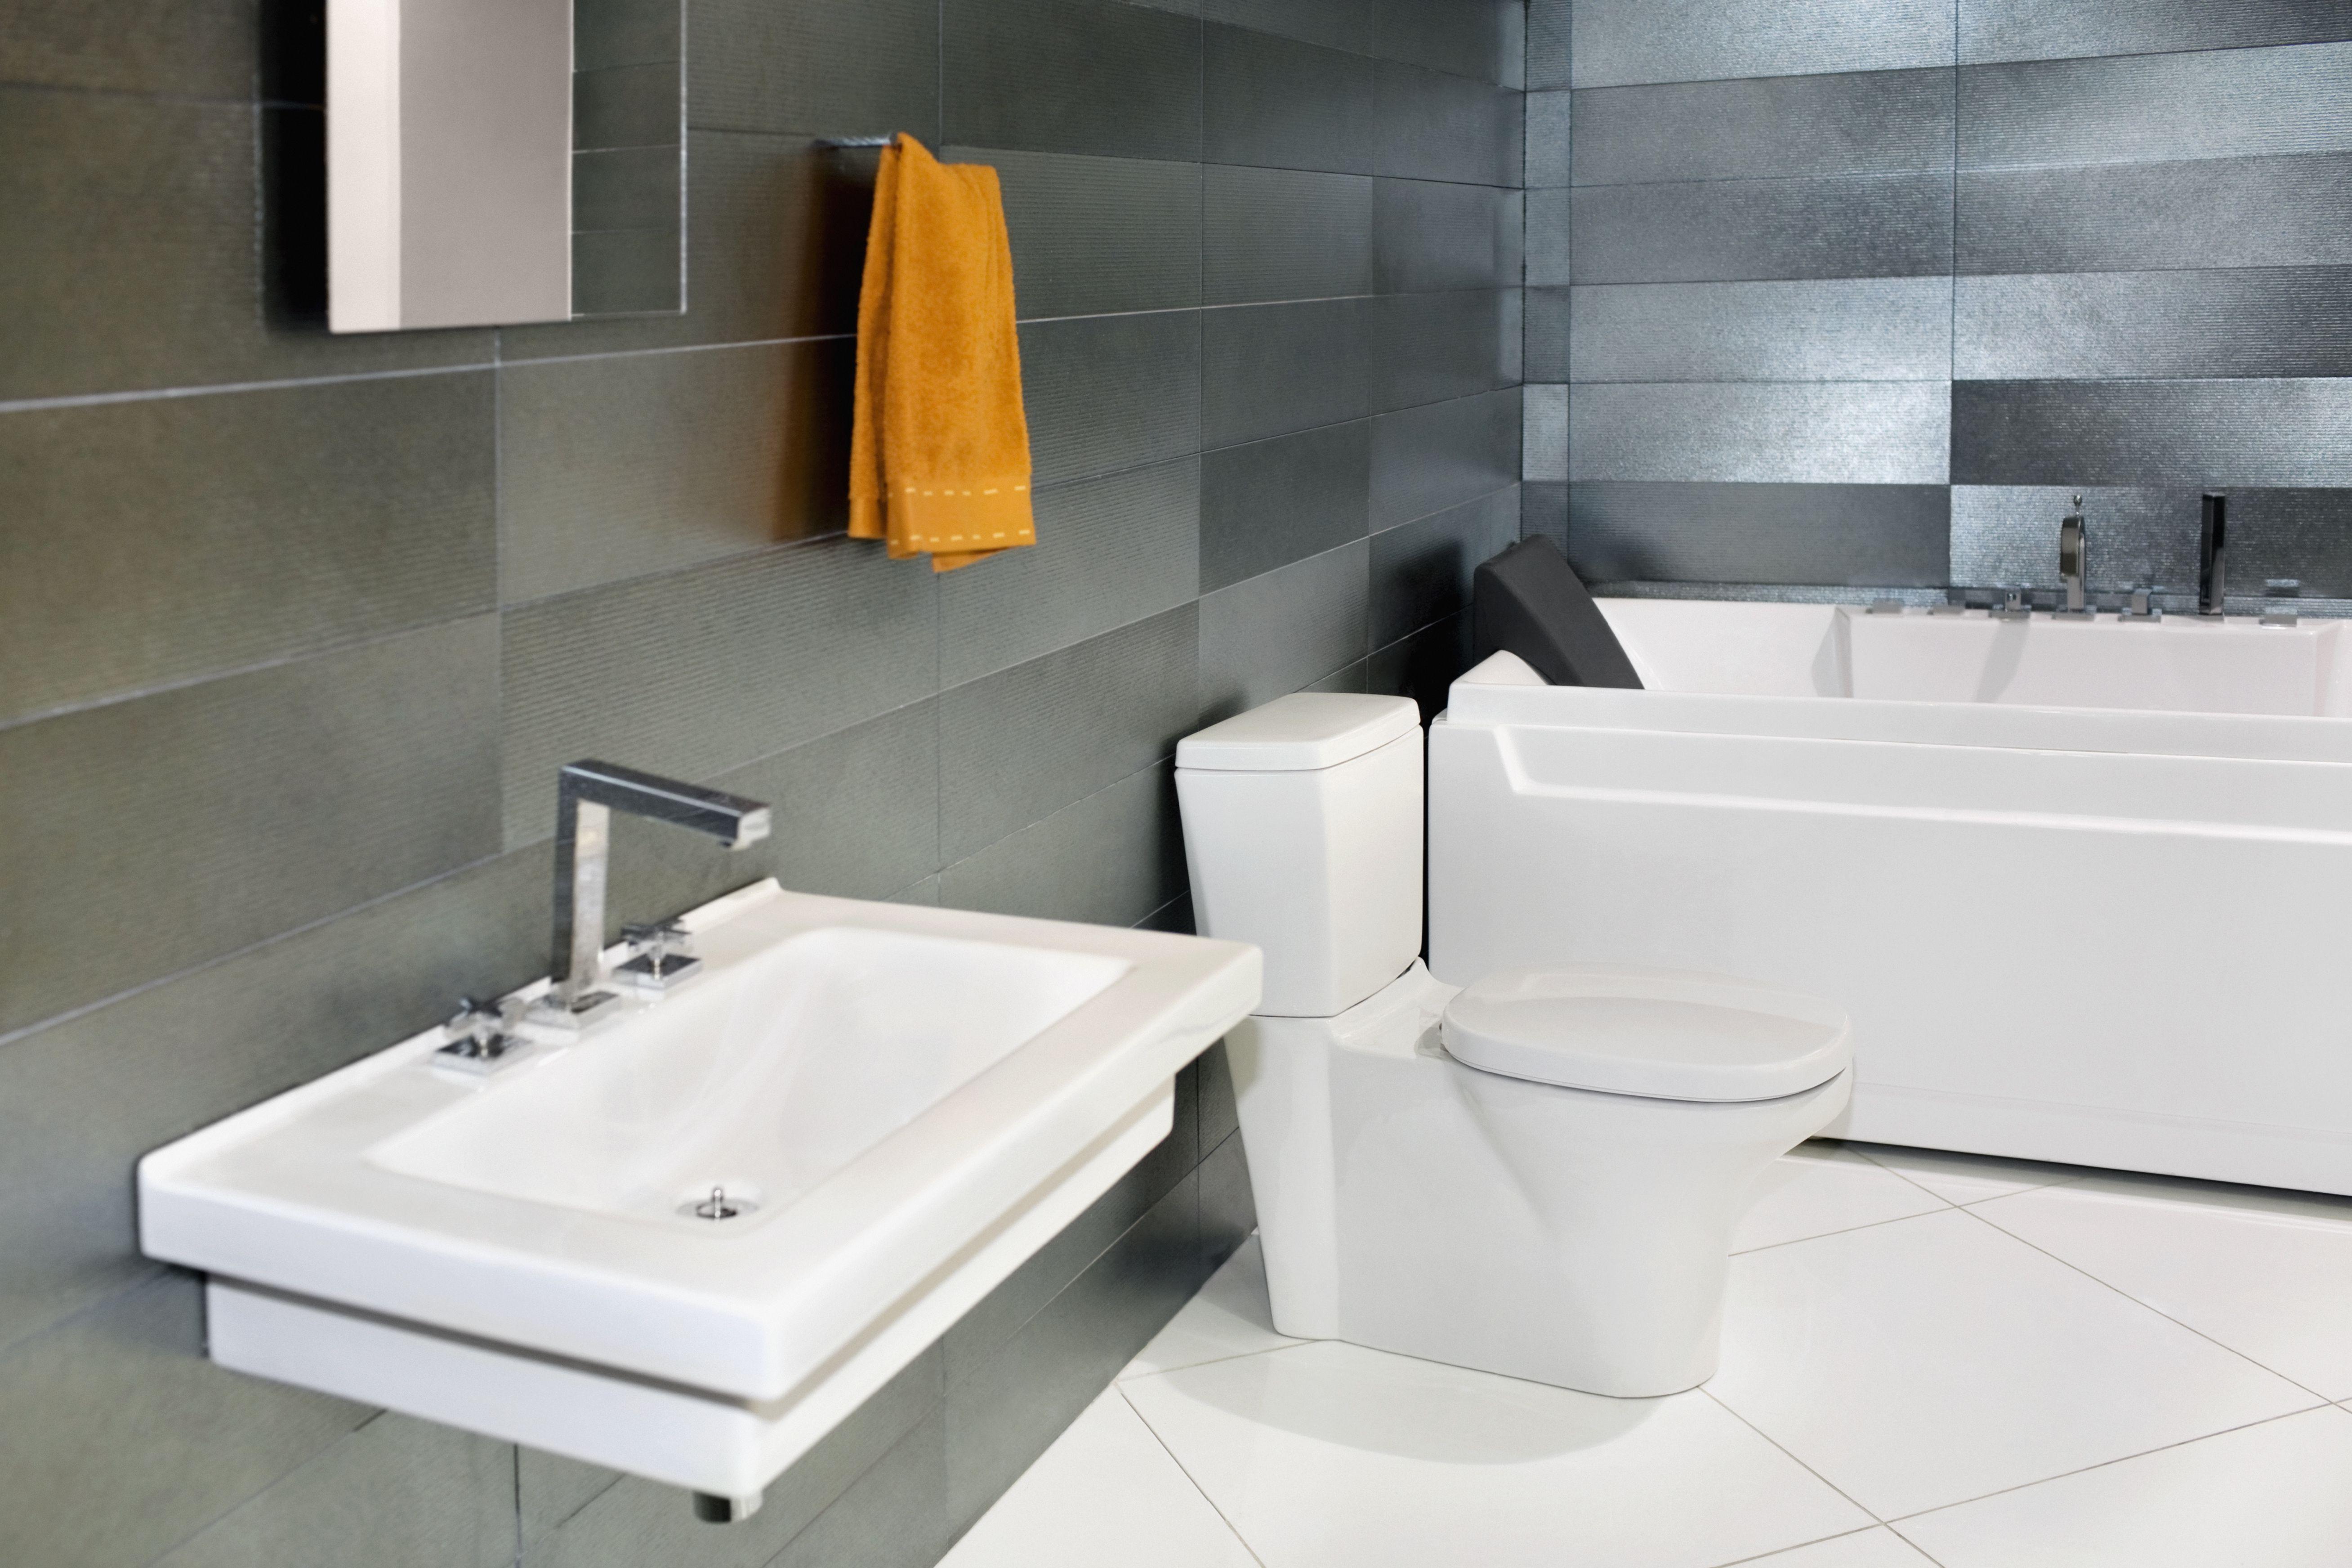 tower style flush valve seal. Black Bedroom Furniture Sets. Home Design Ideas